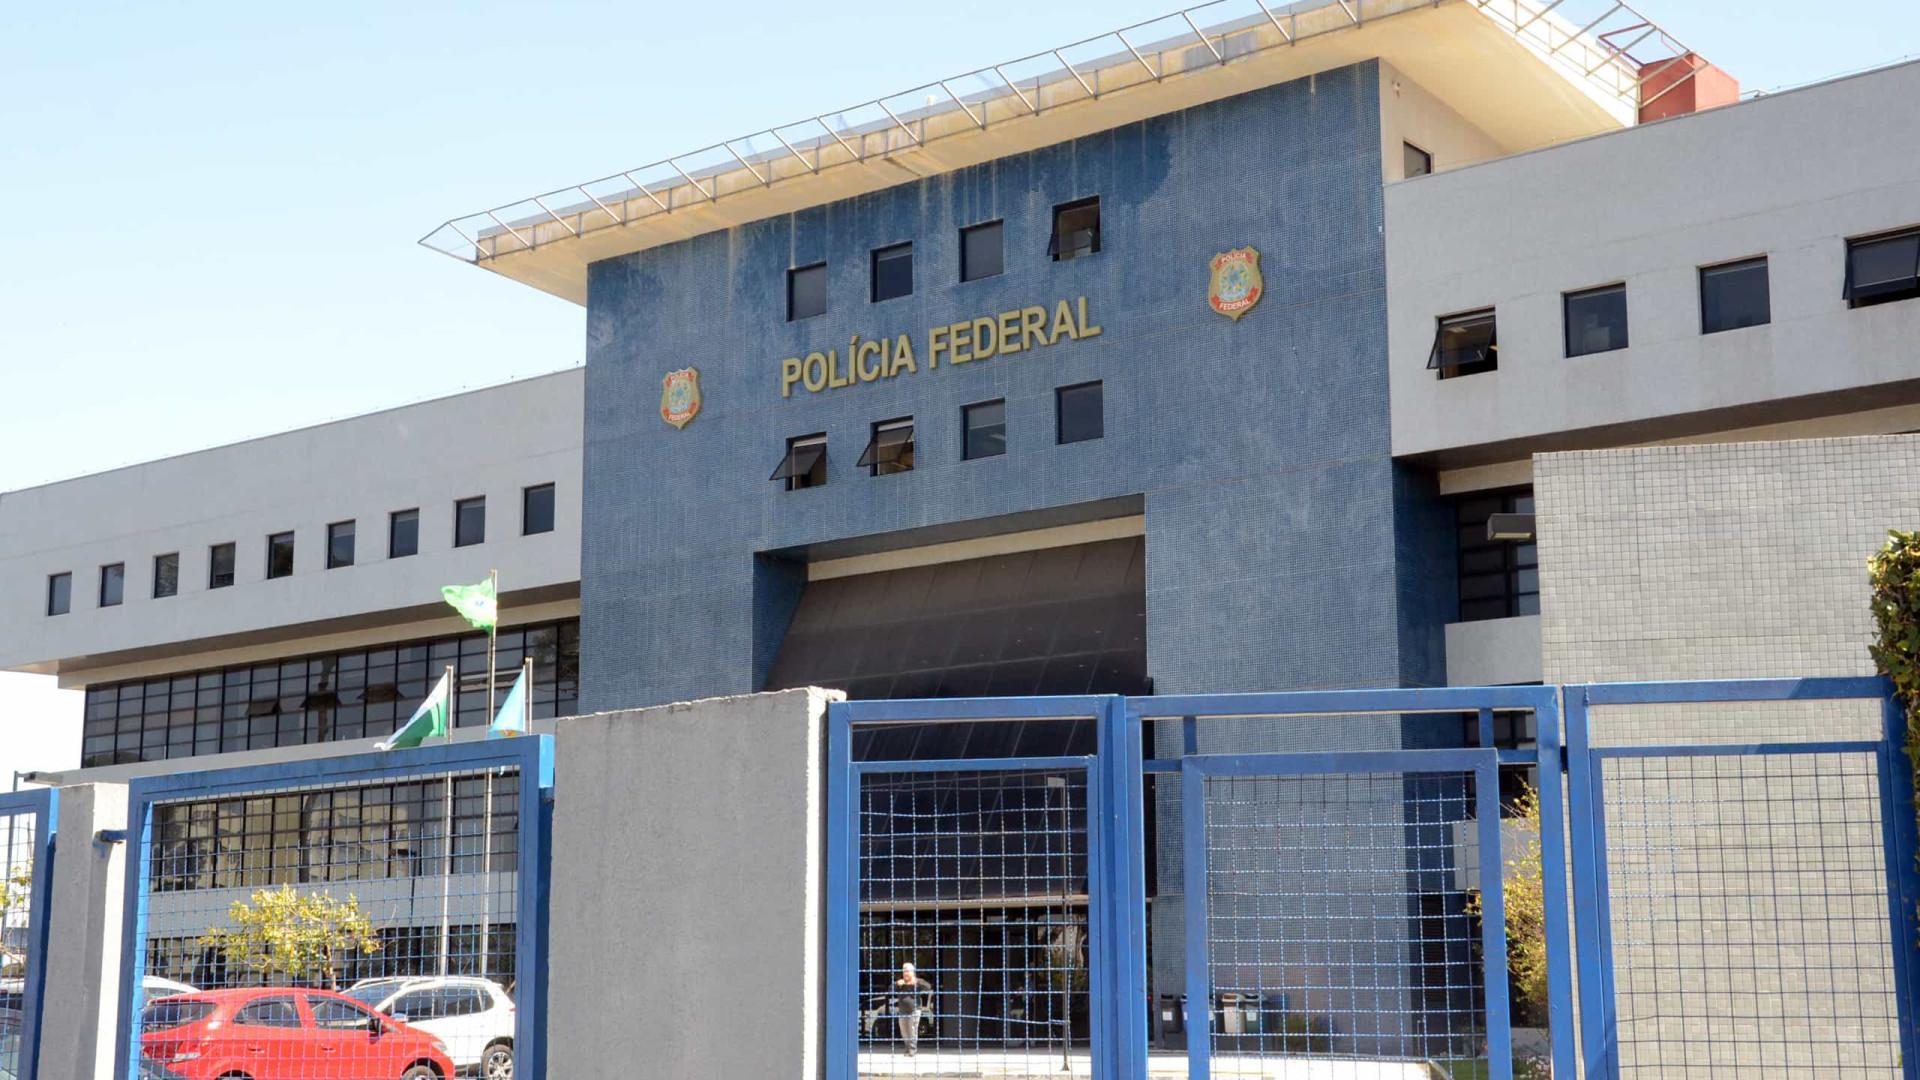 PF registrou depoimento de testemunha que não ouviu, mostram mensagens